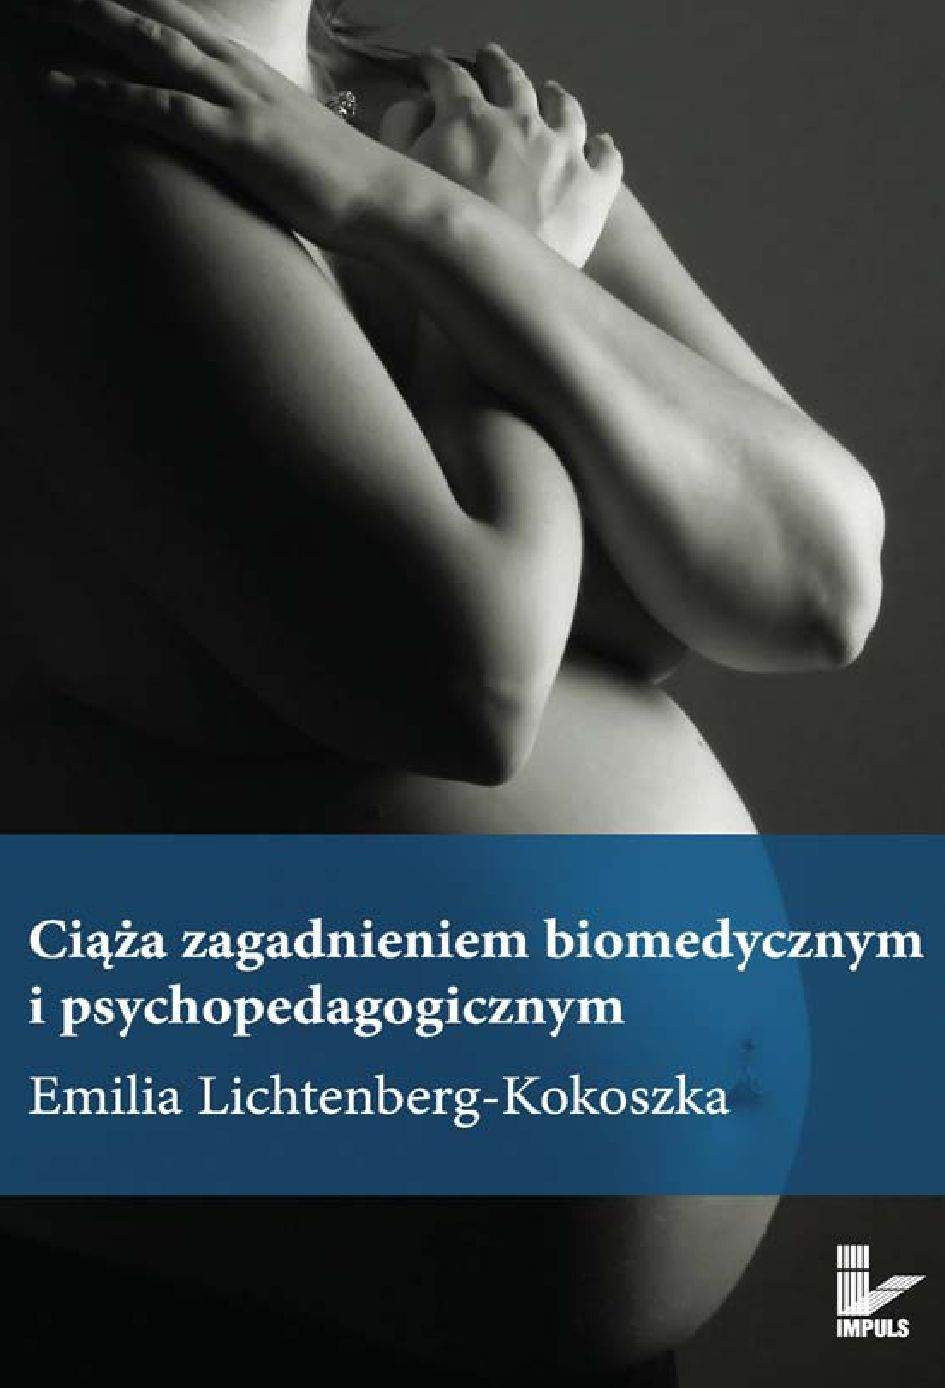 Ciąża zagadnieniem biomedycznym i psychopedagogicznym - Ebook (Książka EPUB) do pobrania w formacie EPUB